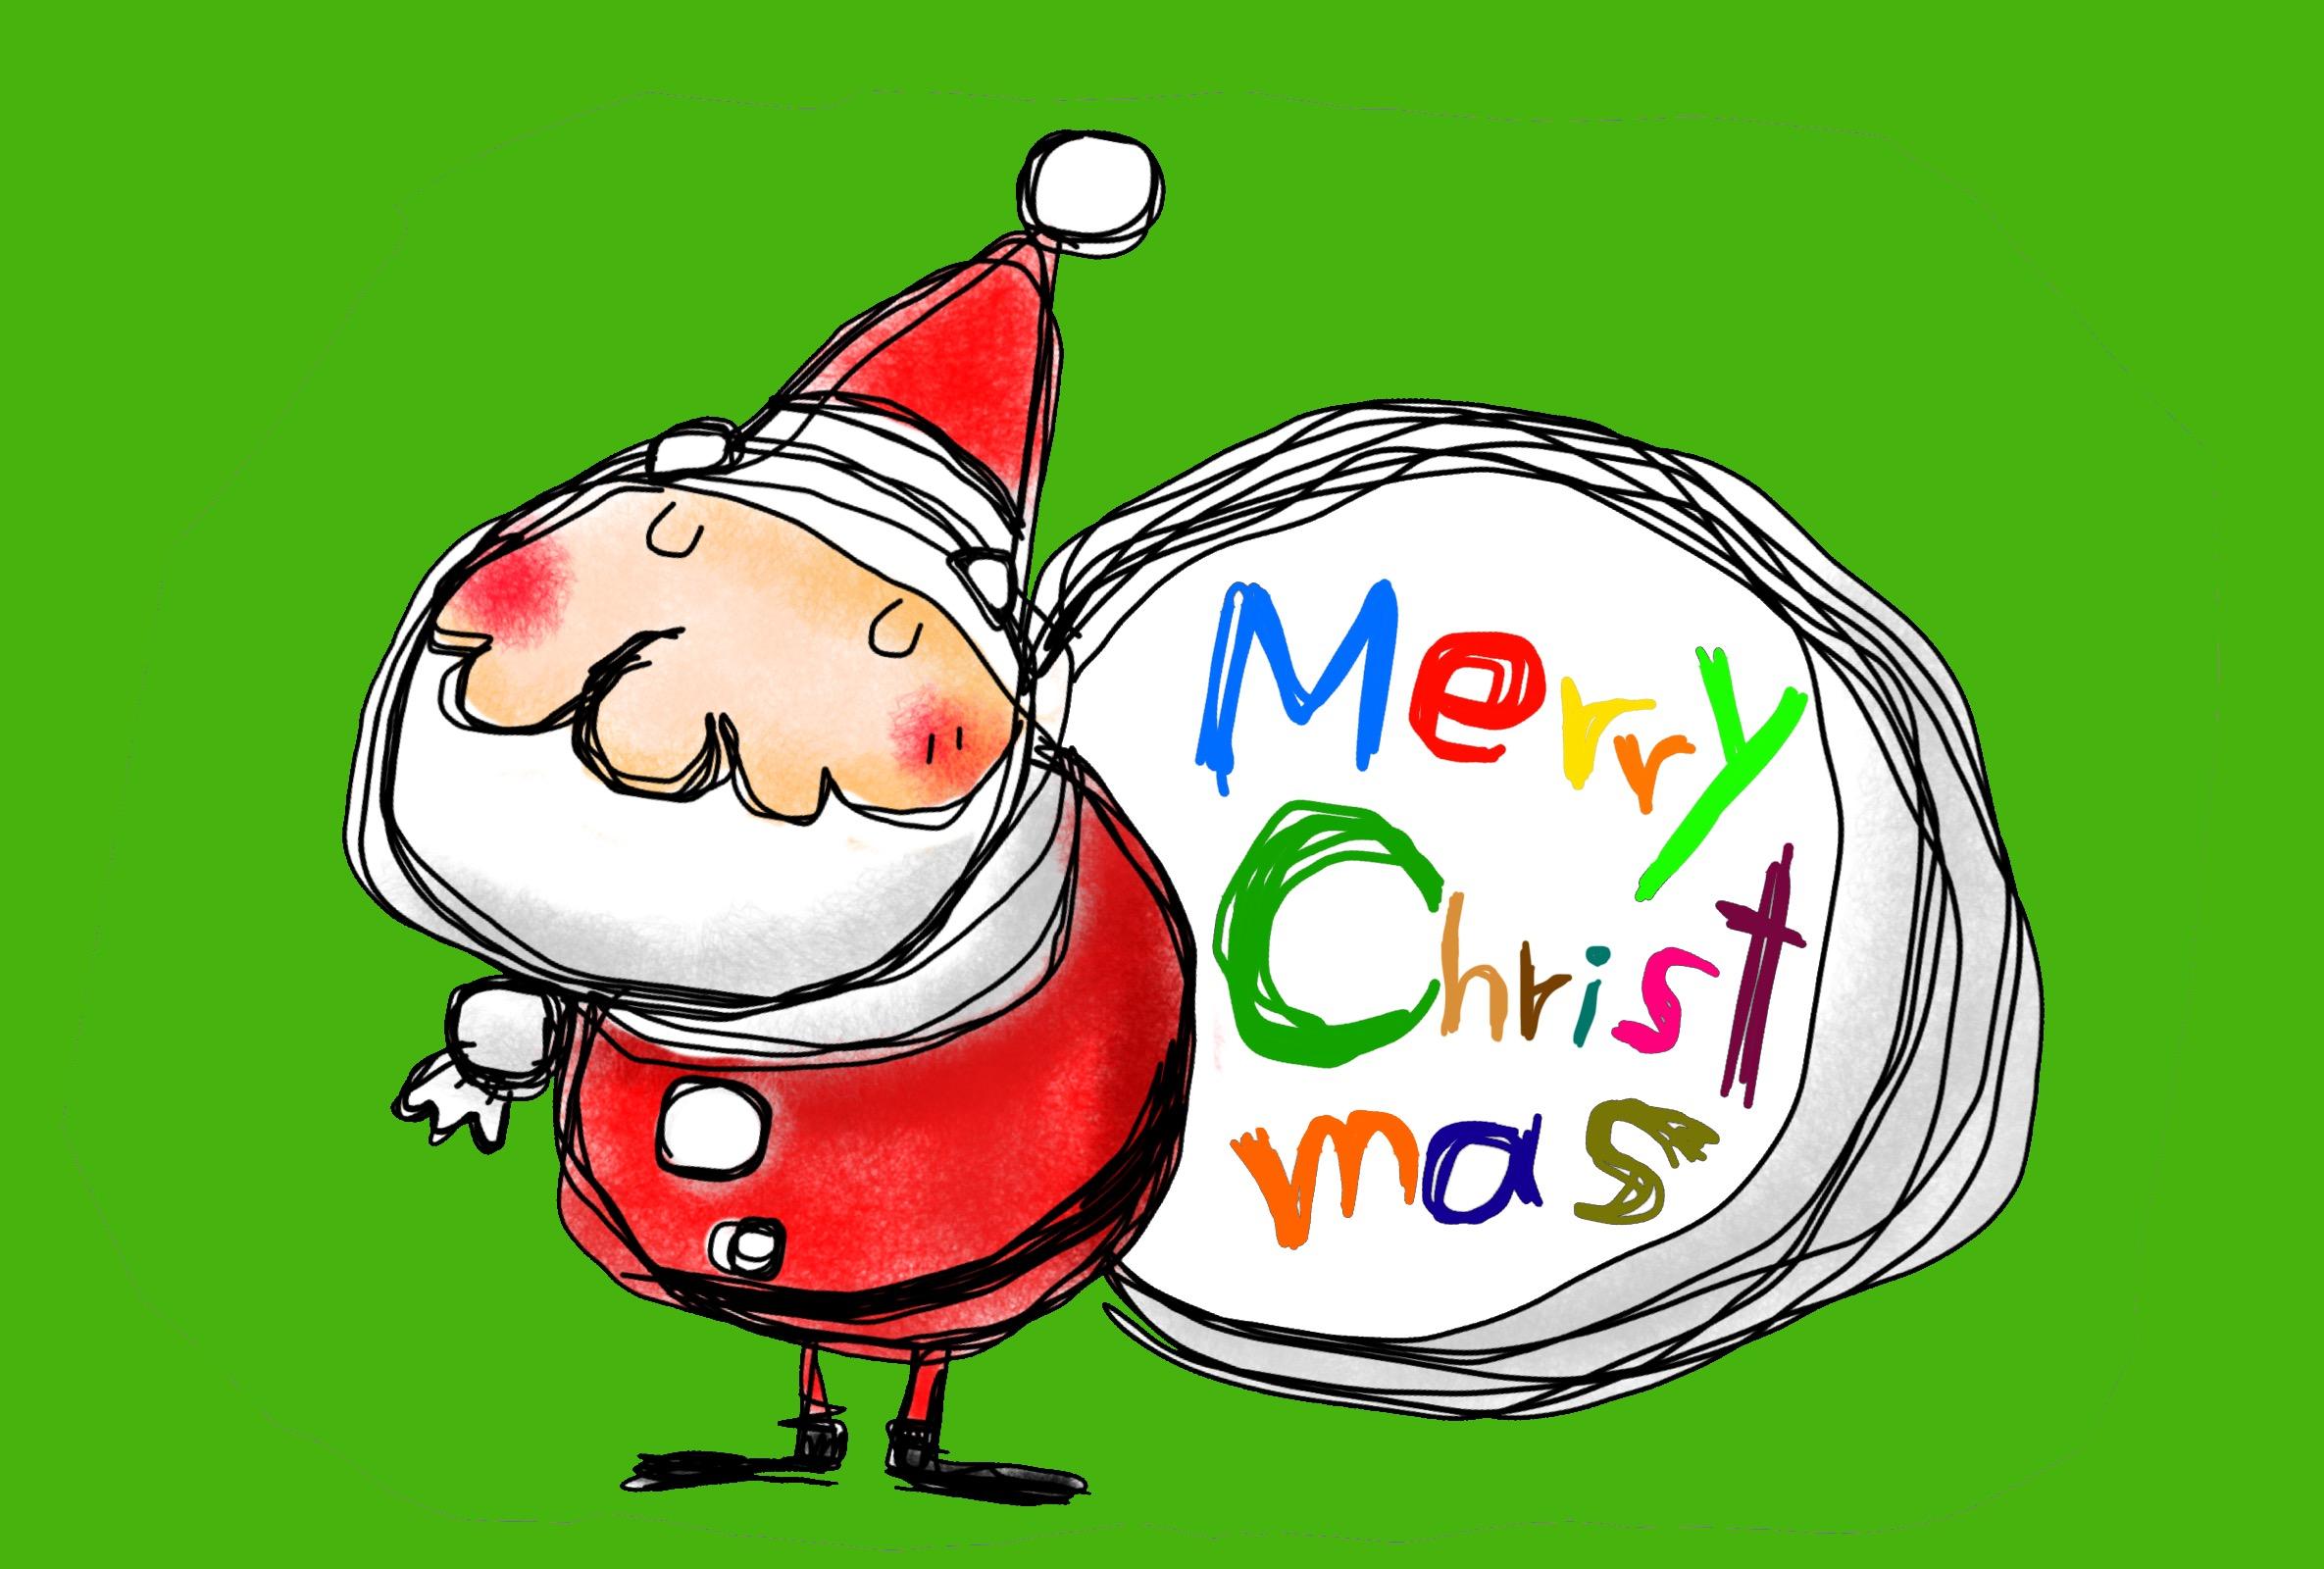 サンタクロースのイラスト クリスマスカード グリーン